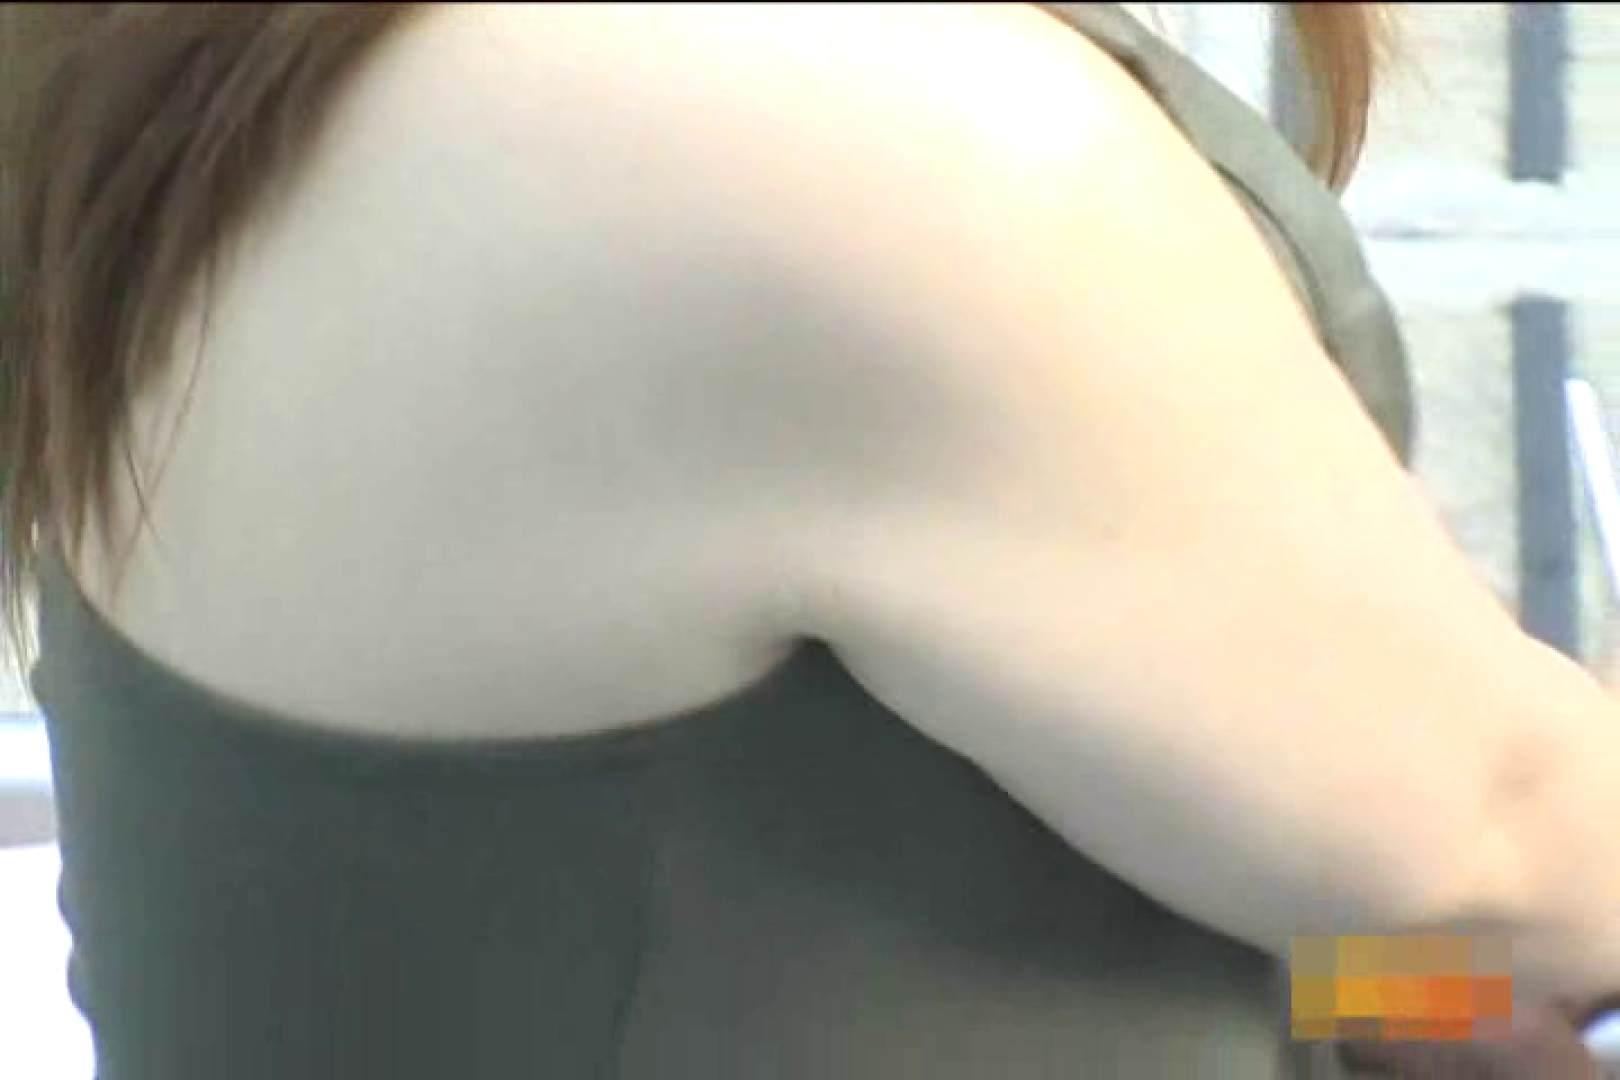 大胆露出胸チラギャル大量発生中!!Vol.1 エロティックなOL | ギャルのエロ動画  98画像 91